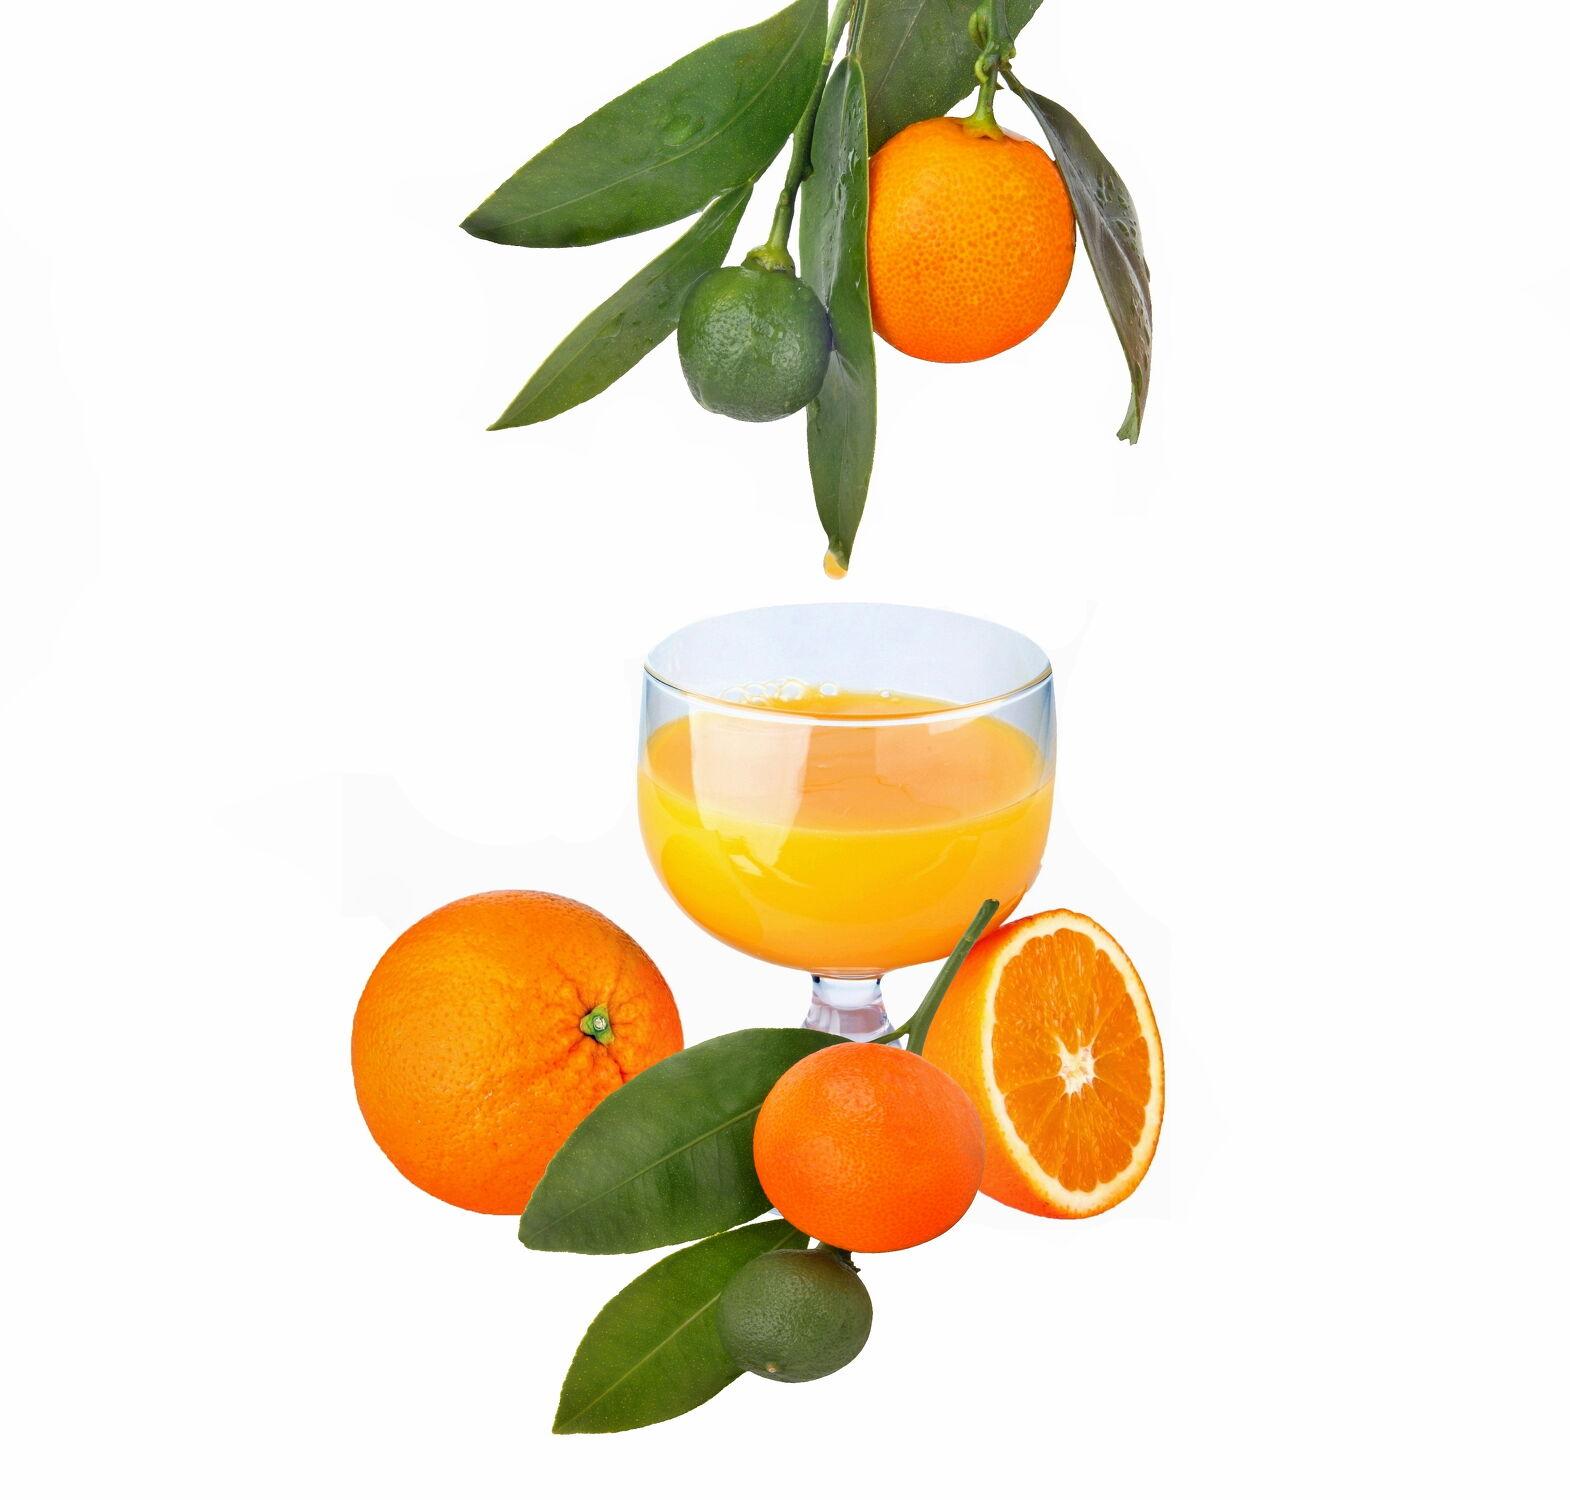 Bild mit Früchte, Obst, Küchenbild, Früchte Lebensmittel, Küchenbilder, Apfelsine, Apfelsinen